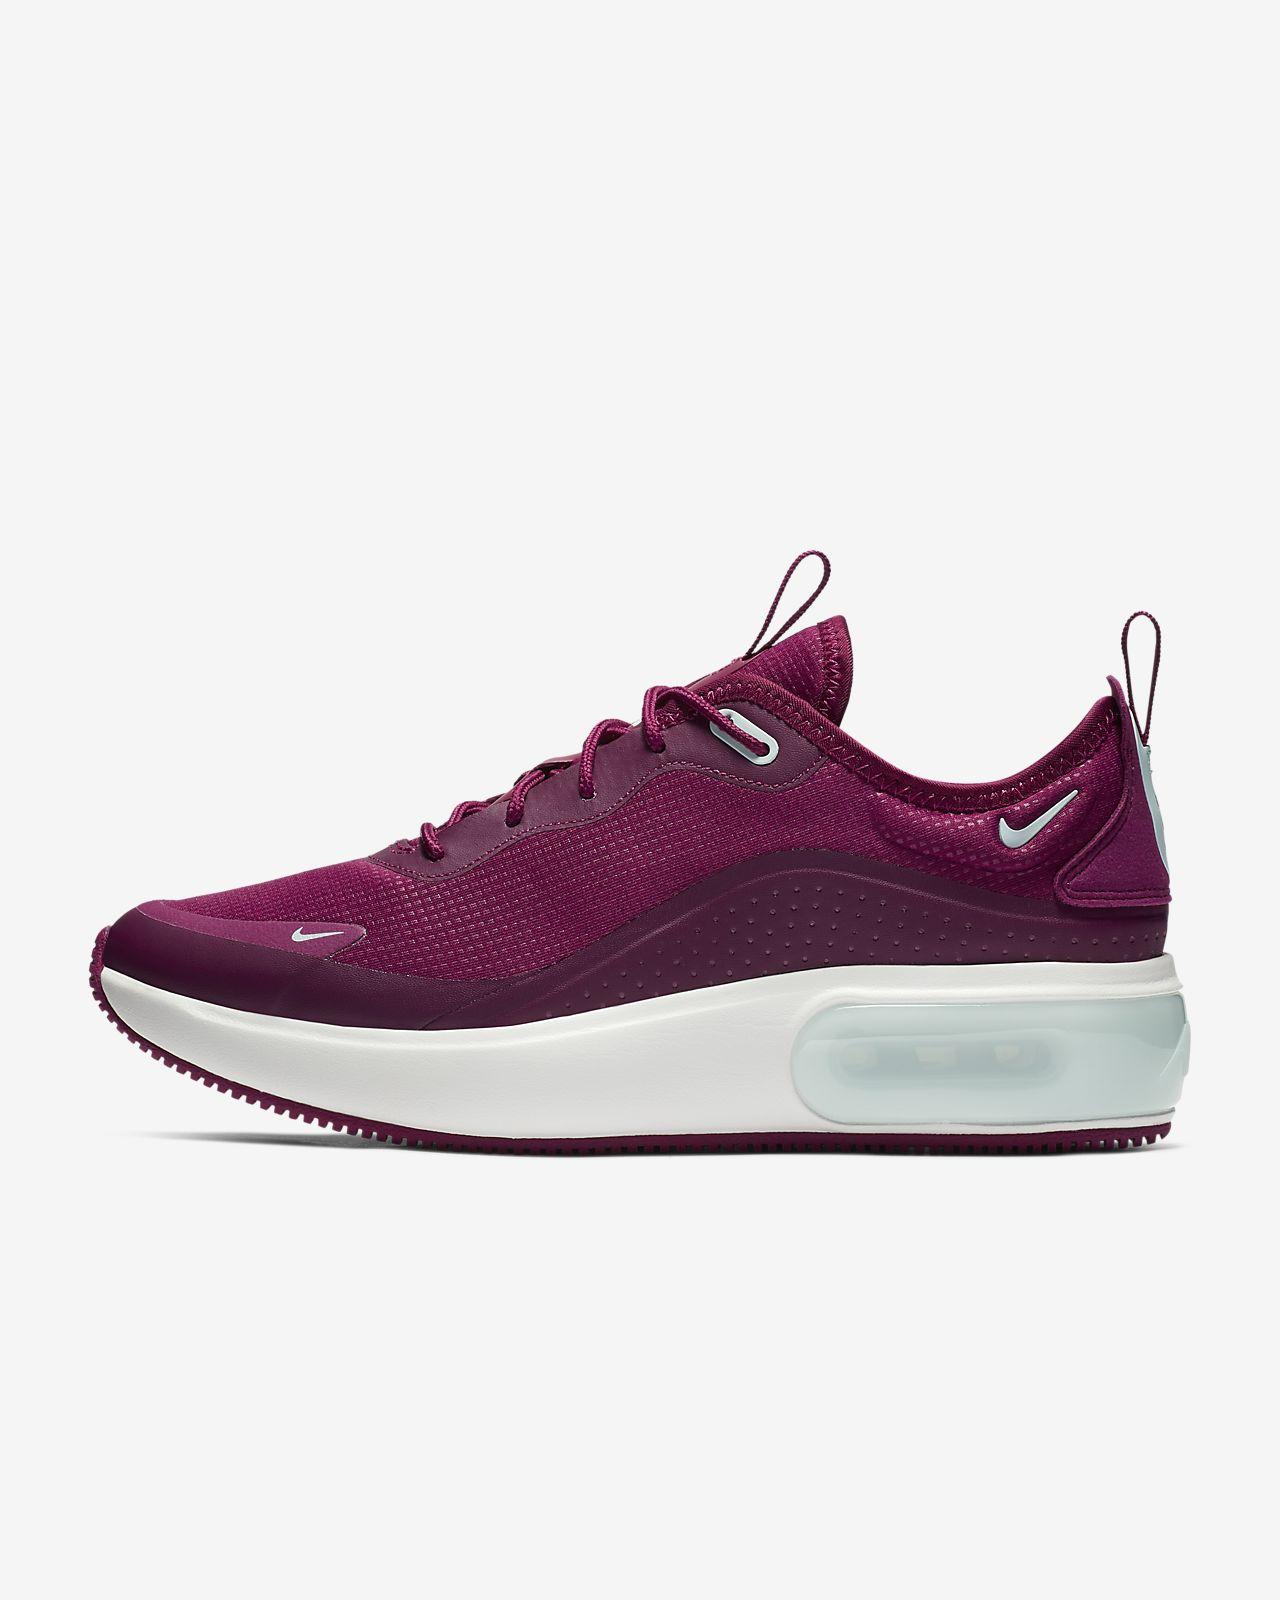 online retailer 480a4 b66a4 Nike Air Max Dia